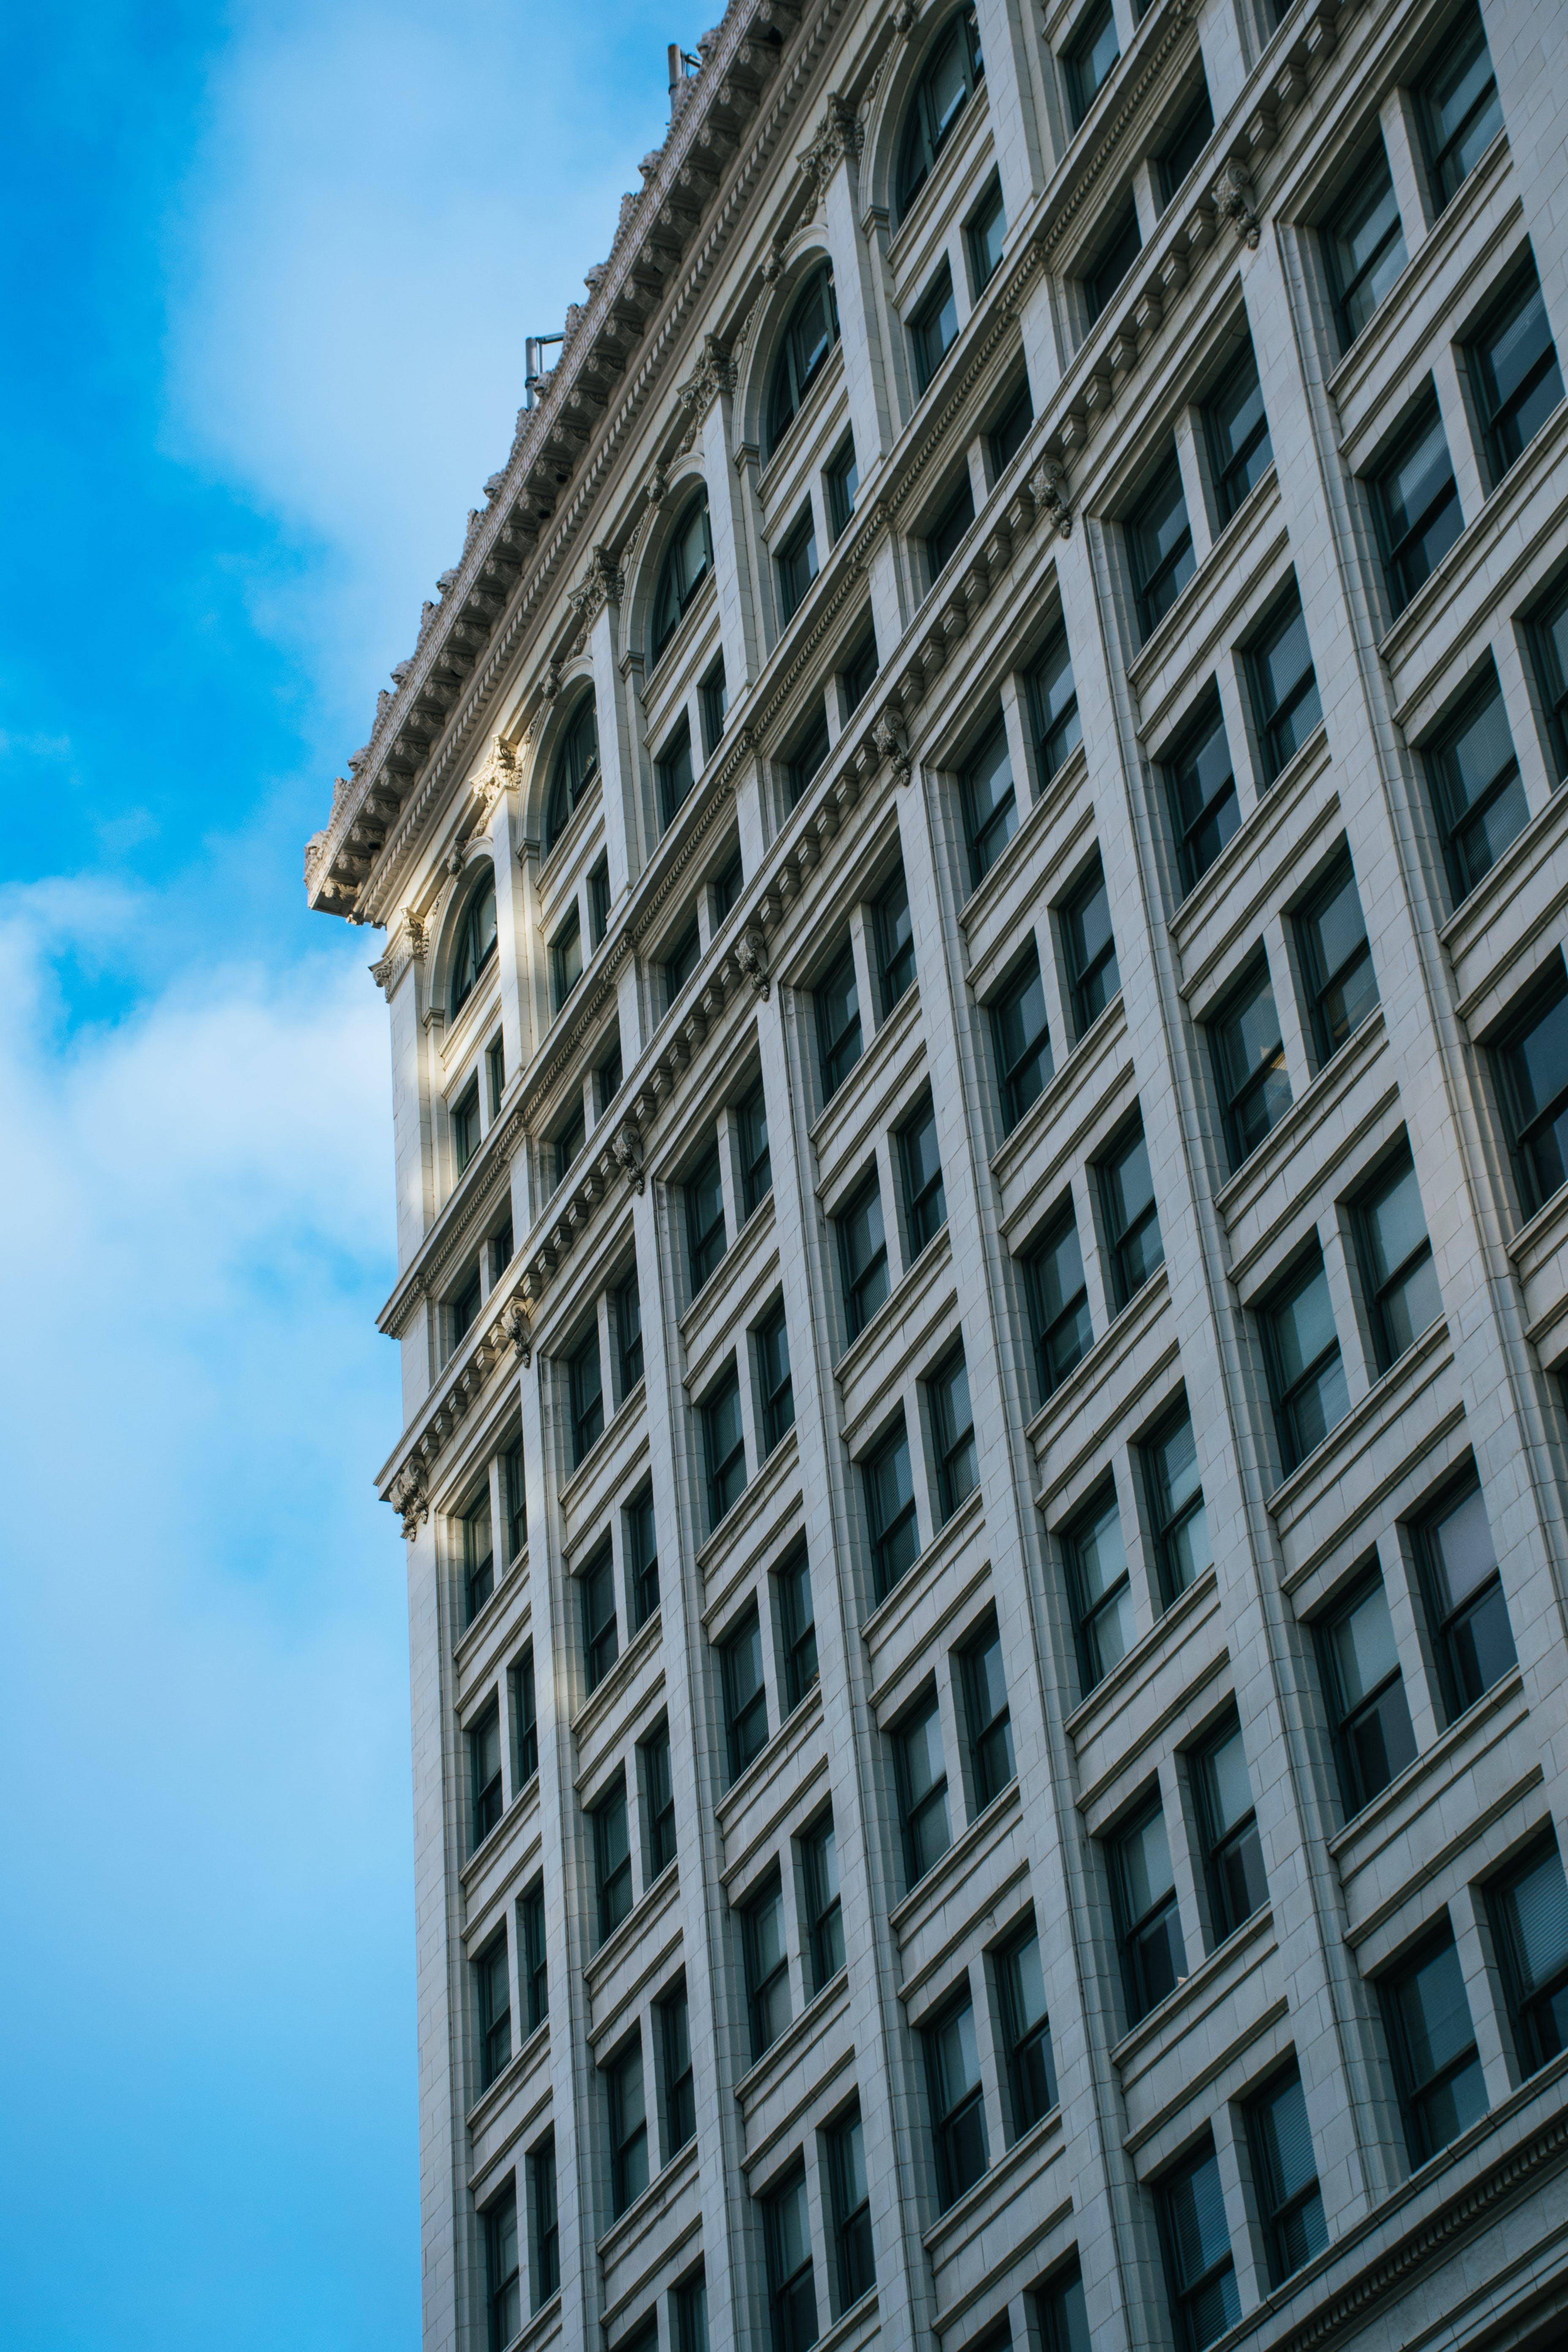 arkitektur, bygning, høy